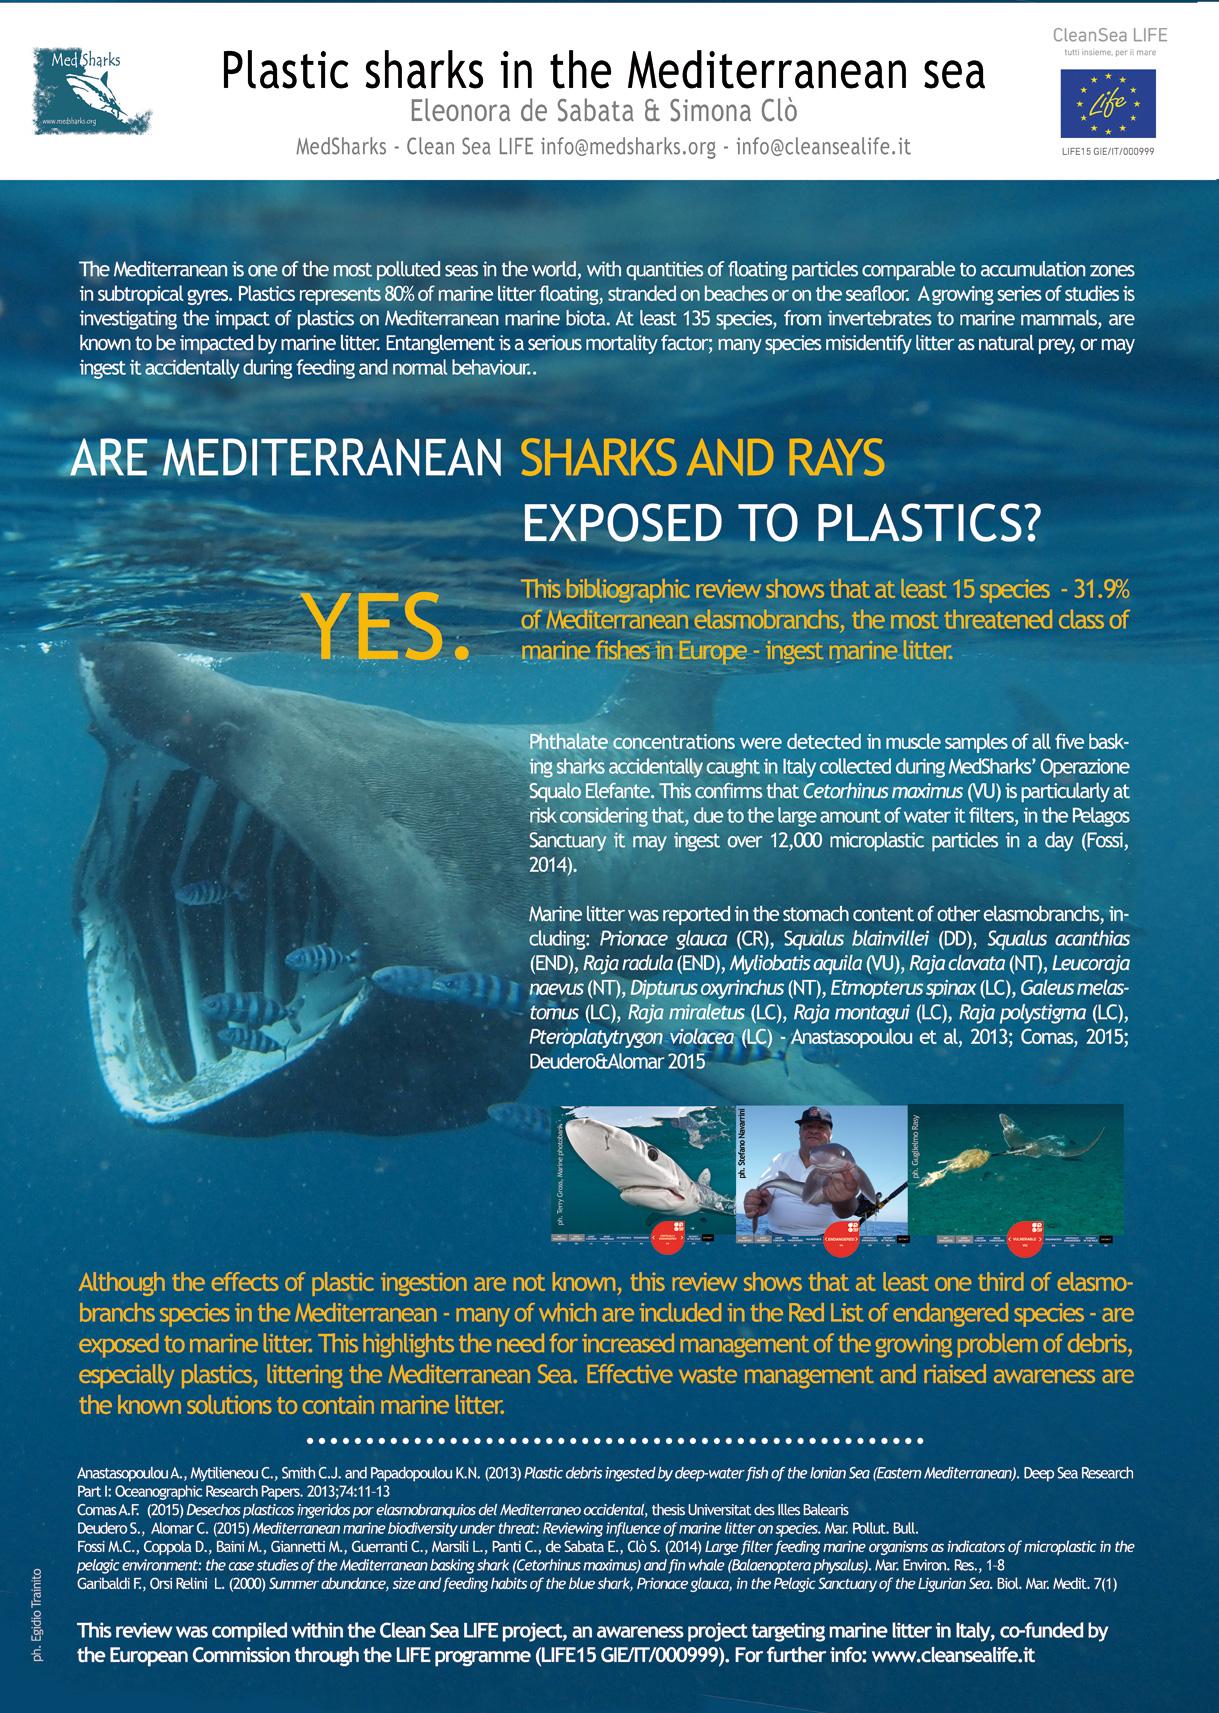 2016eea-plastic-sharks